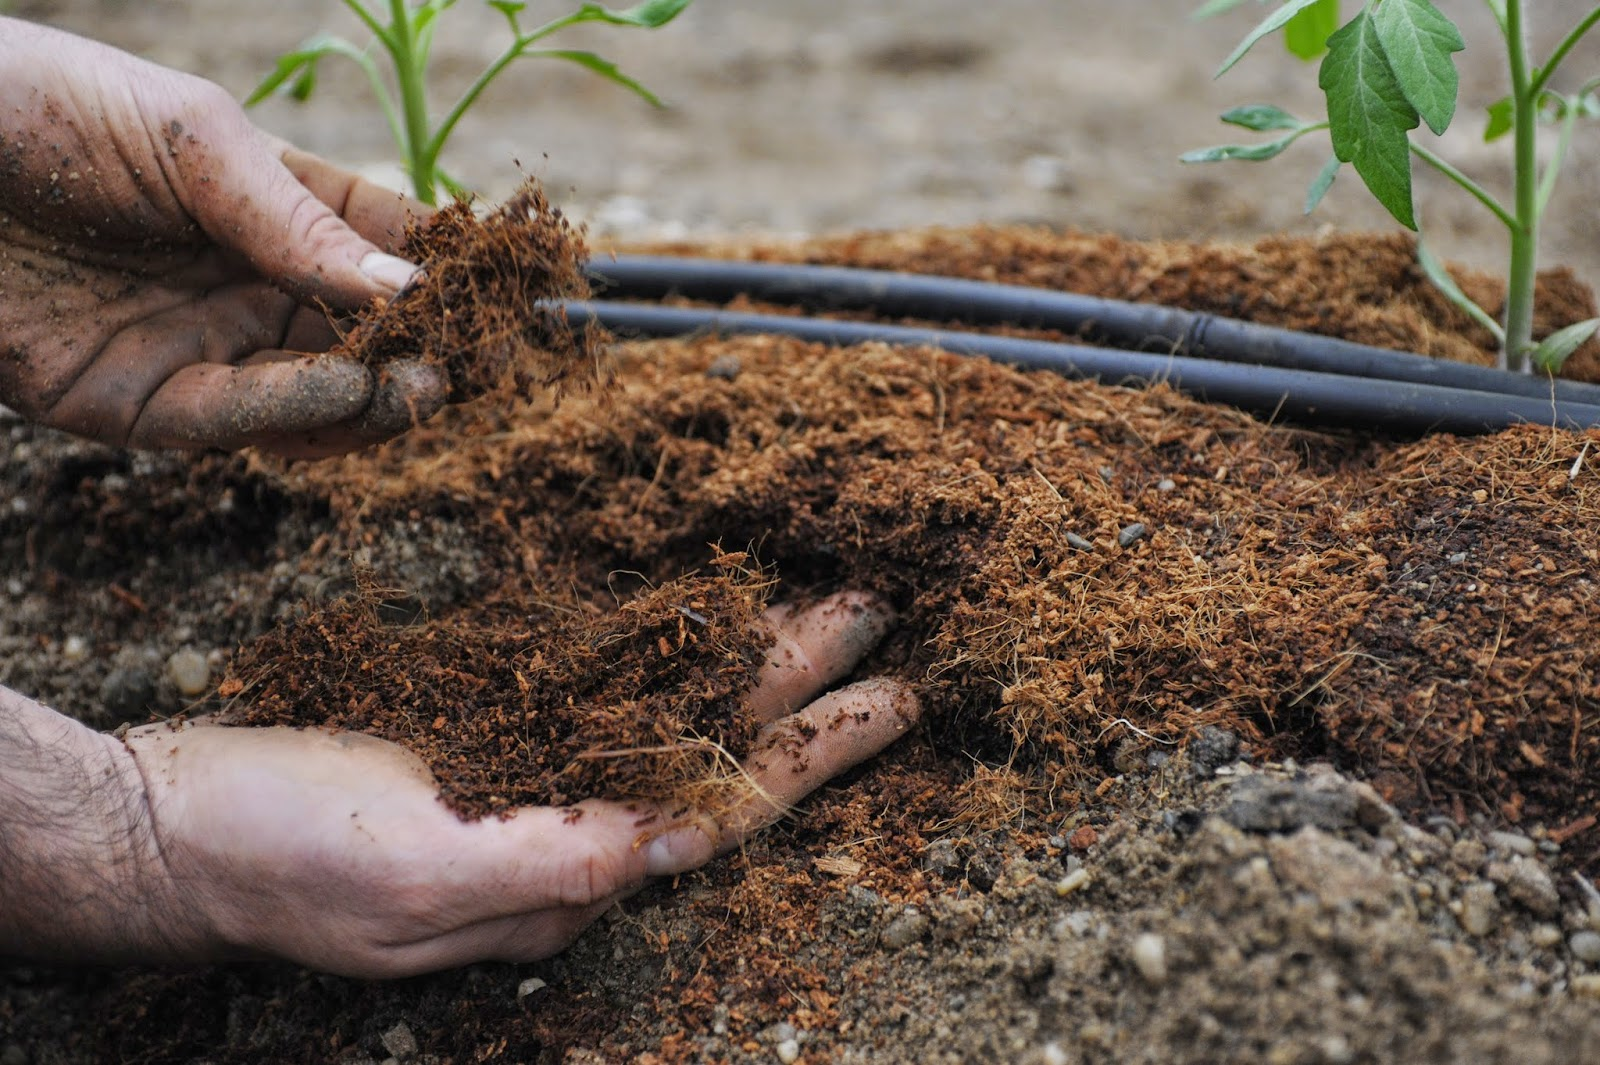 Чем удобрять рассаду помидор в домашних условиях народными средствами